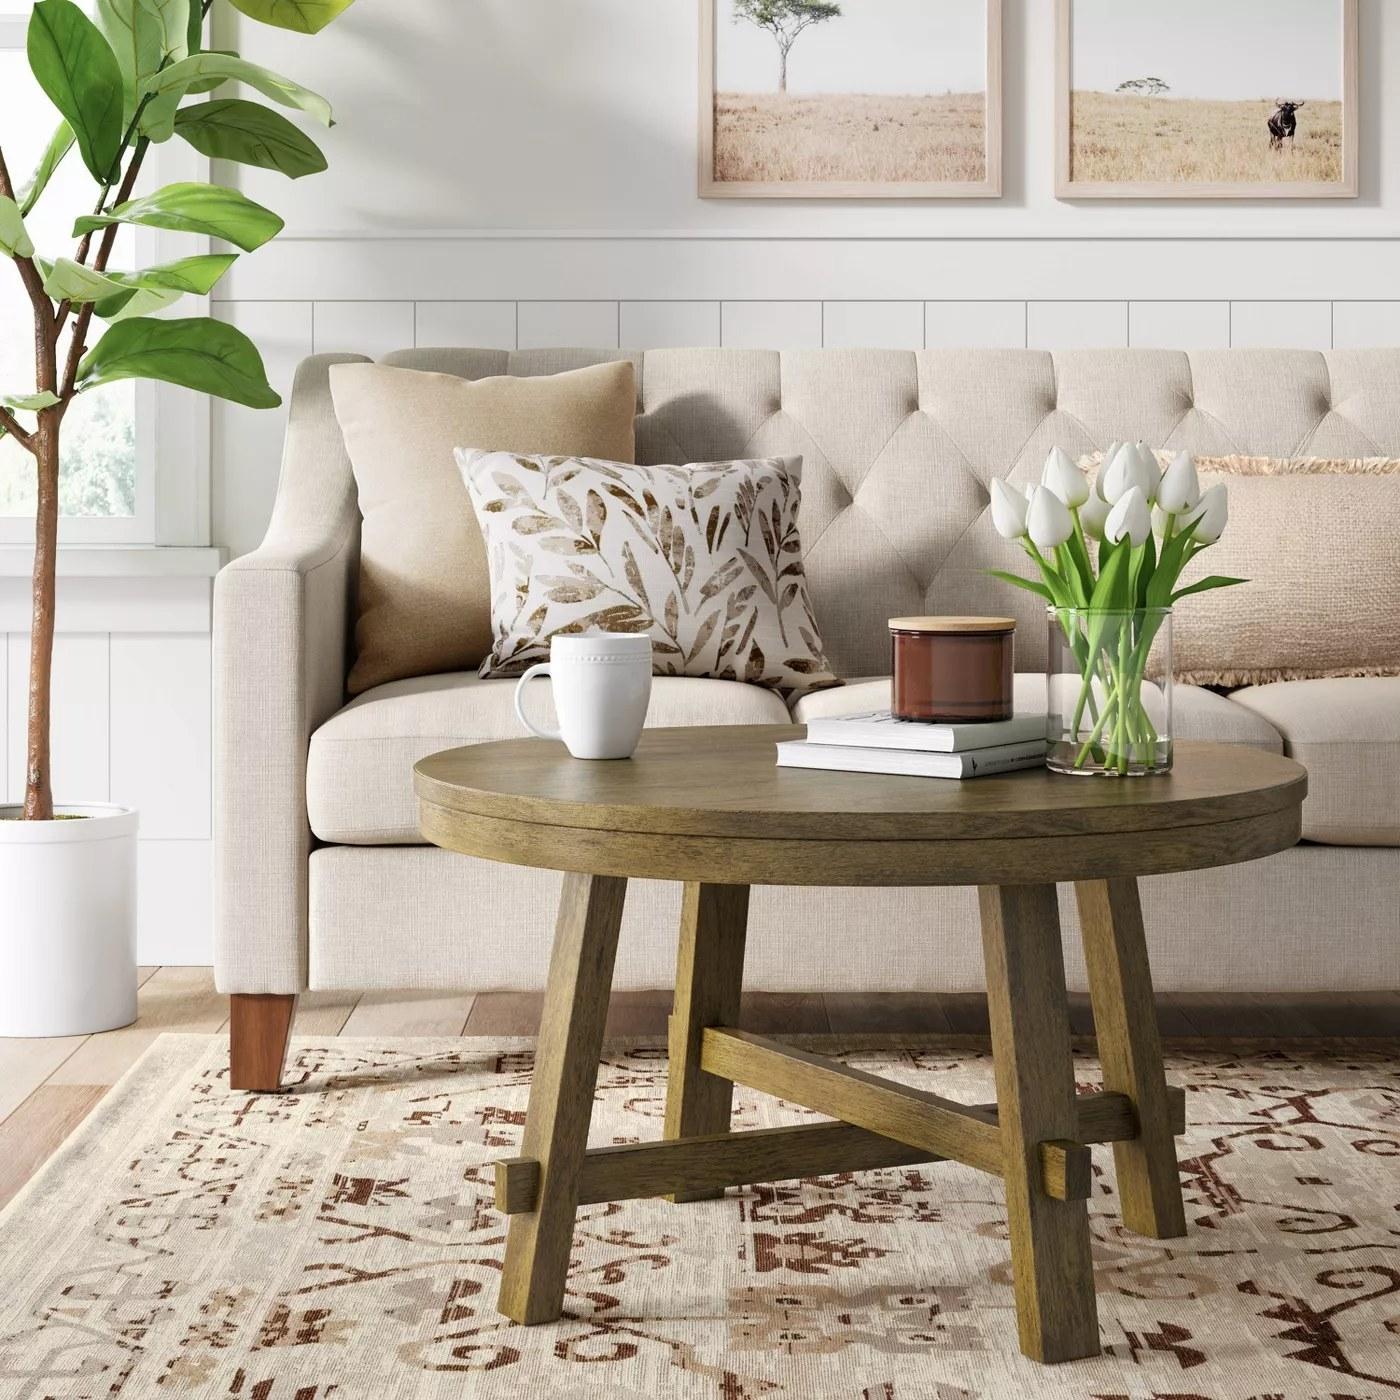 The round, farmhouse coffee table